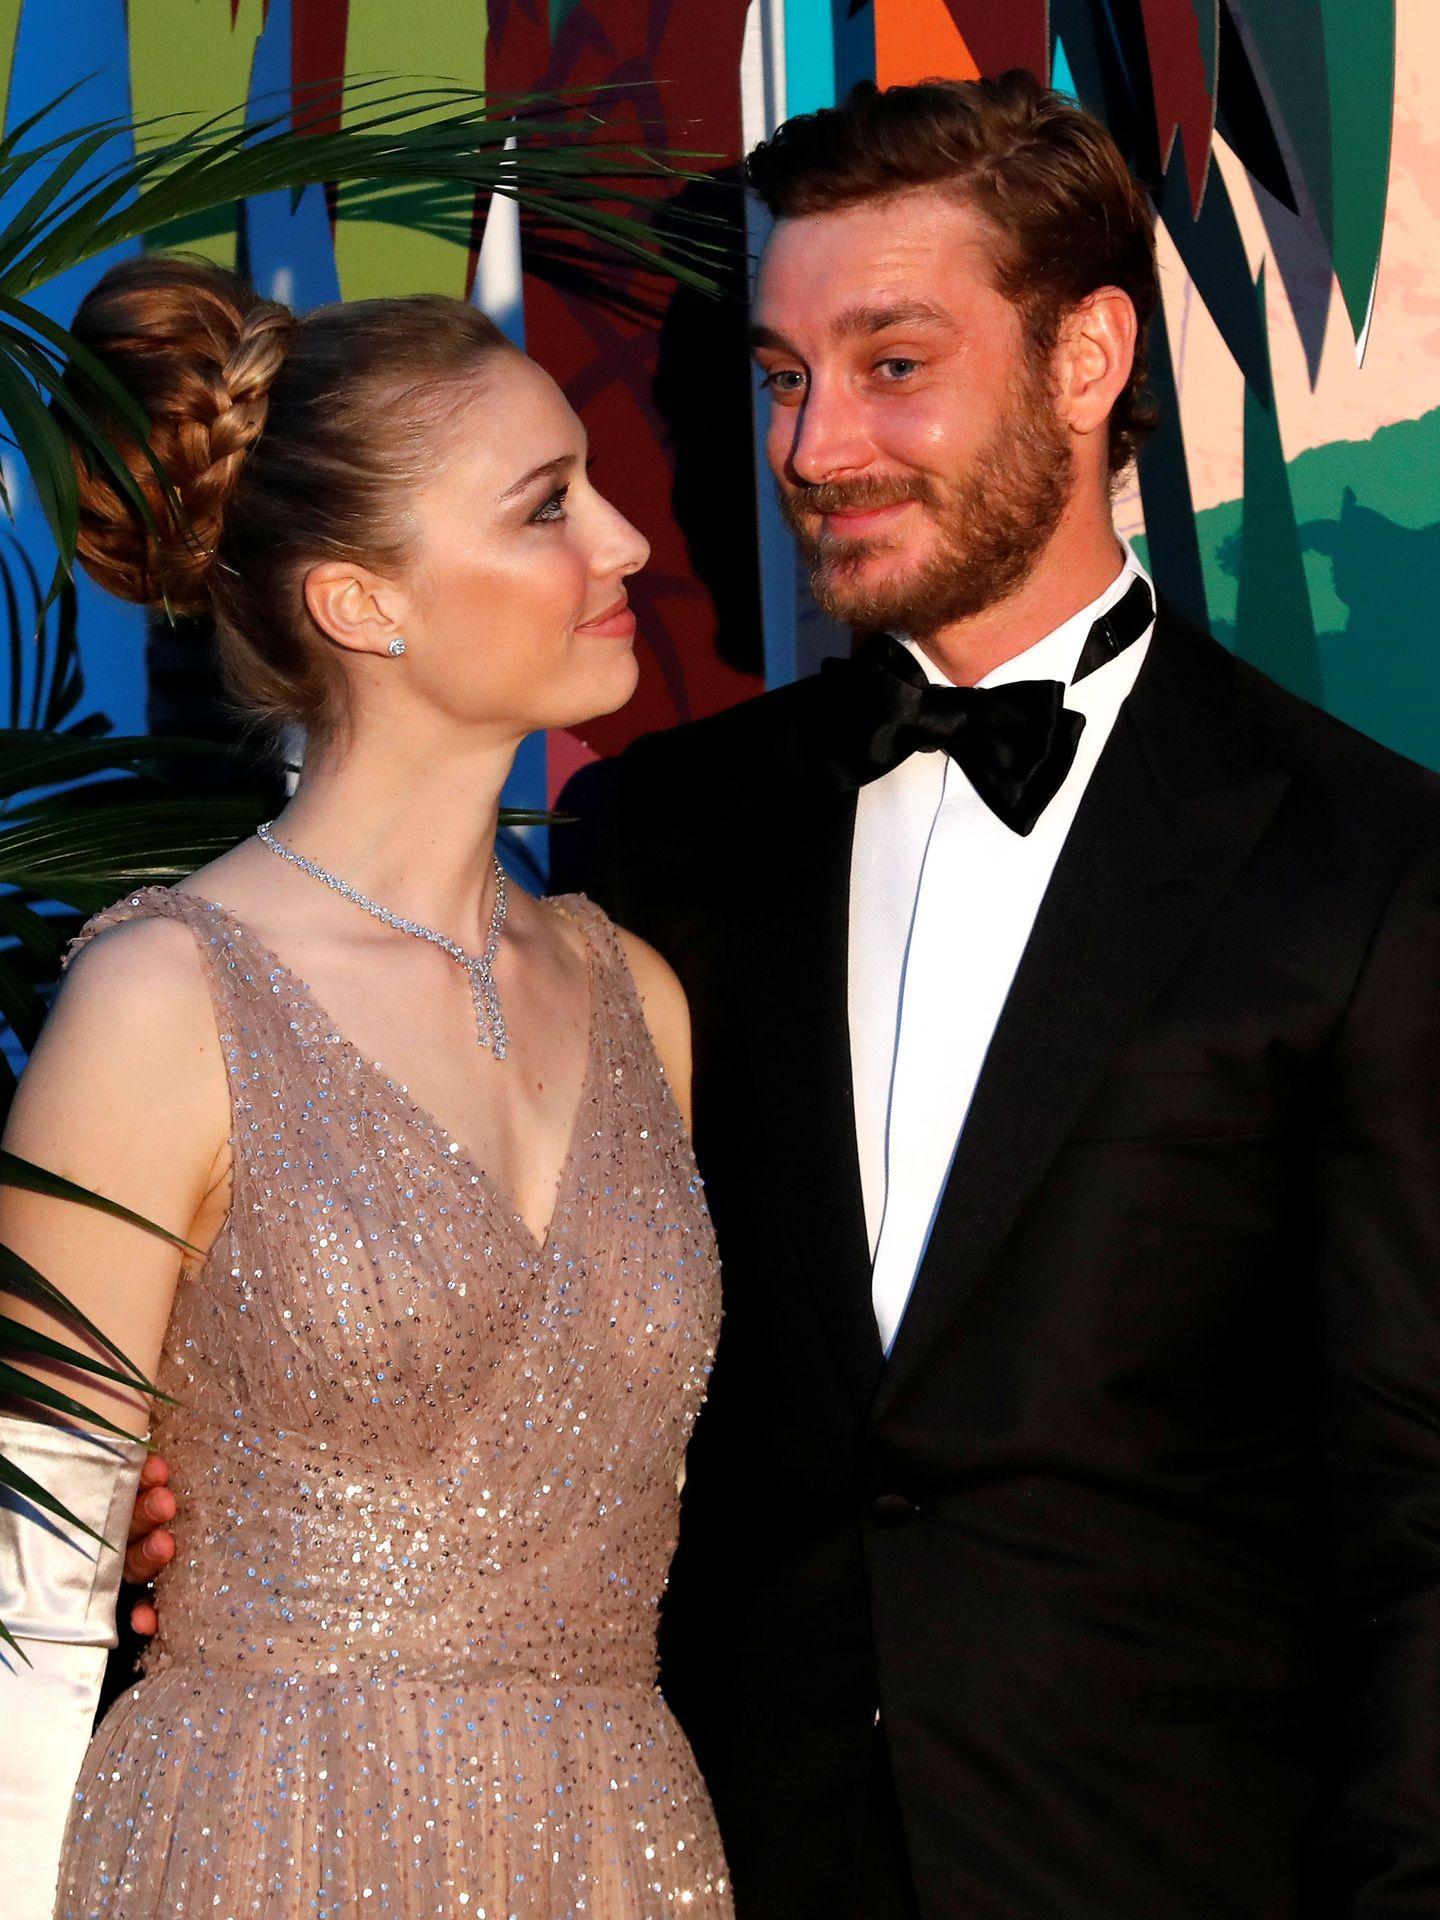 Pierre Casiraghi y Beatrice Borromeo en el Baile Rosa de Mónaco. REUTERS